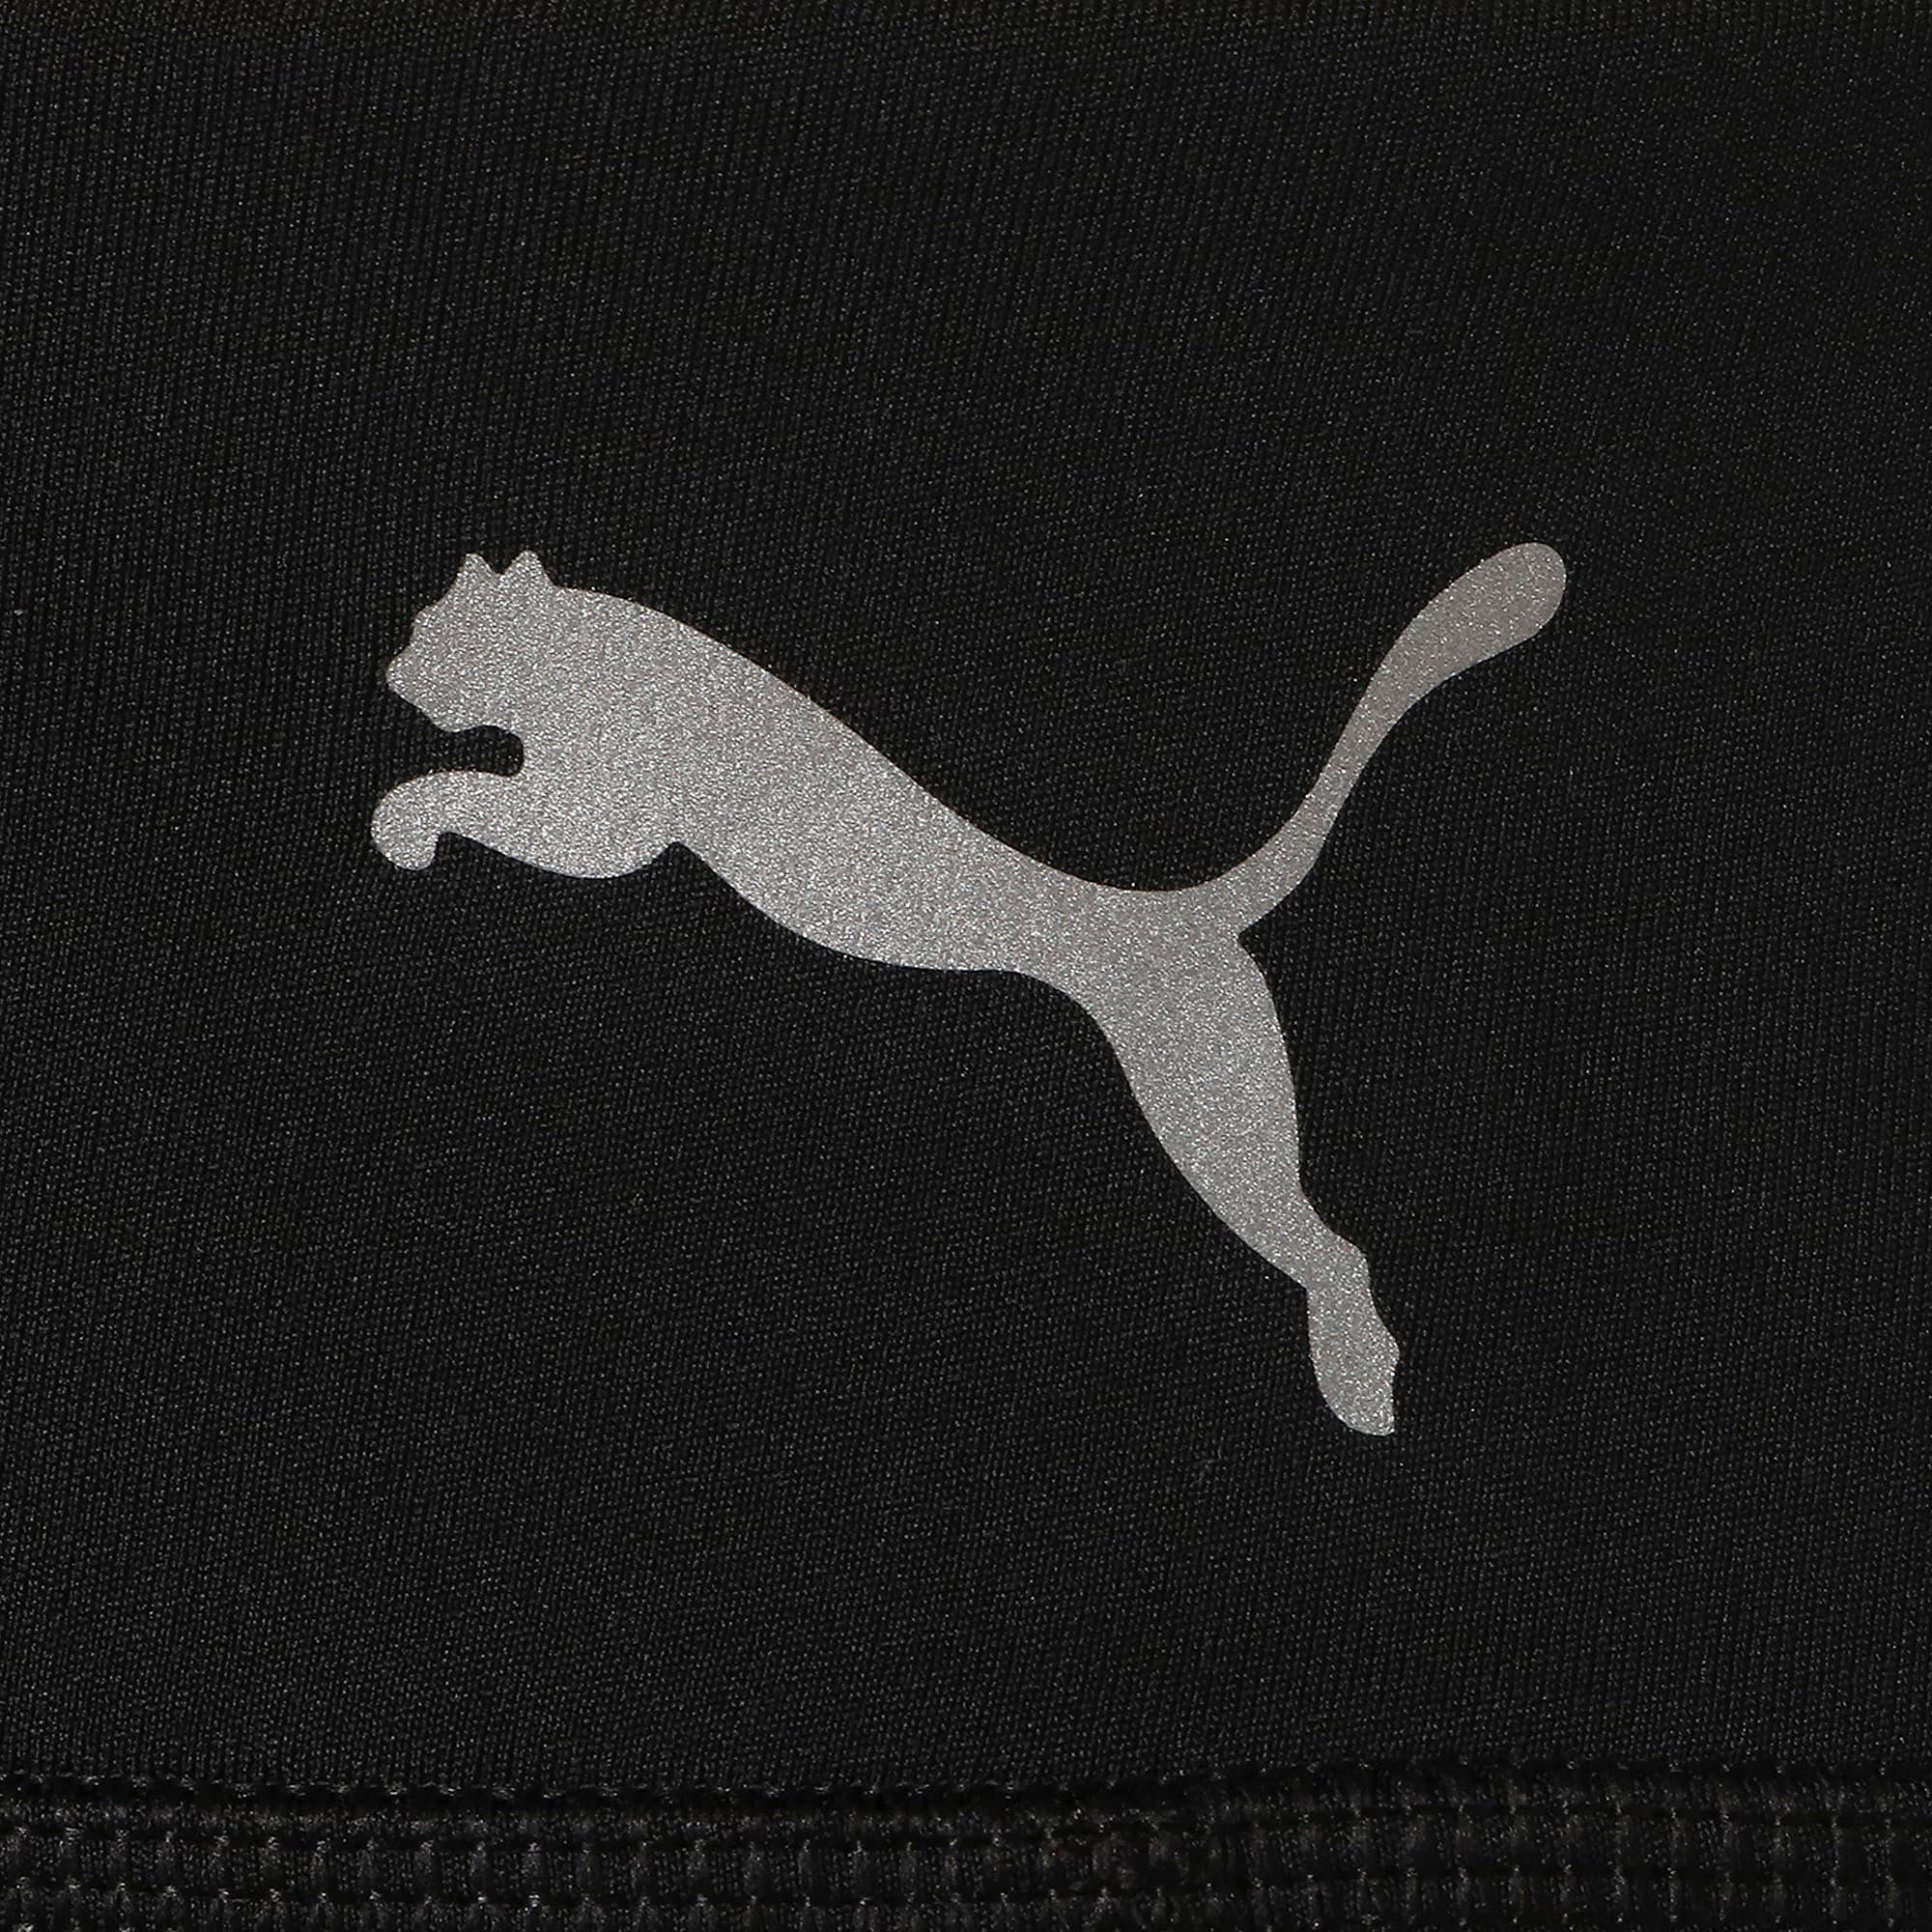 Thumbnail 7 of エリート スピード ウィメンズ タイツ, Puma Black-Fair Aqua, medium-JPN